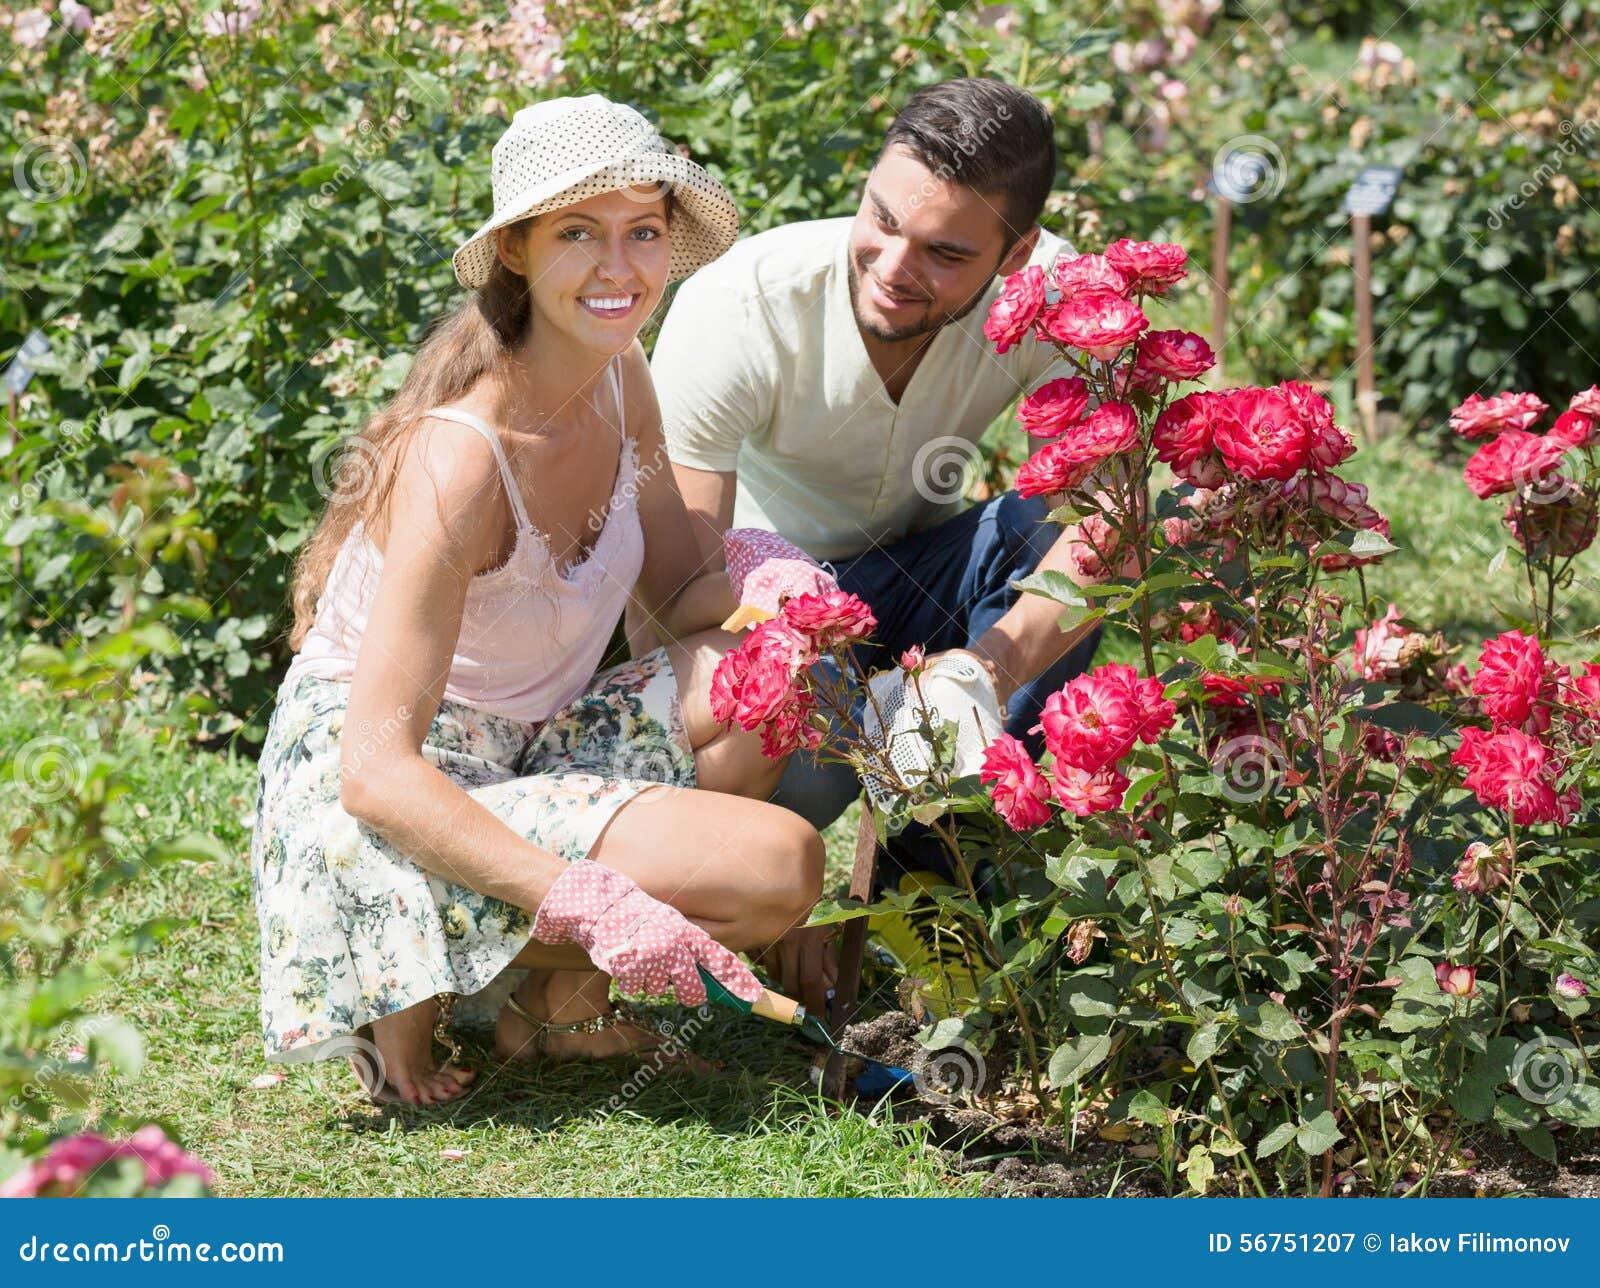 Муж жену на даче, фотограф не сдержался девушку поимел